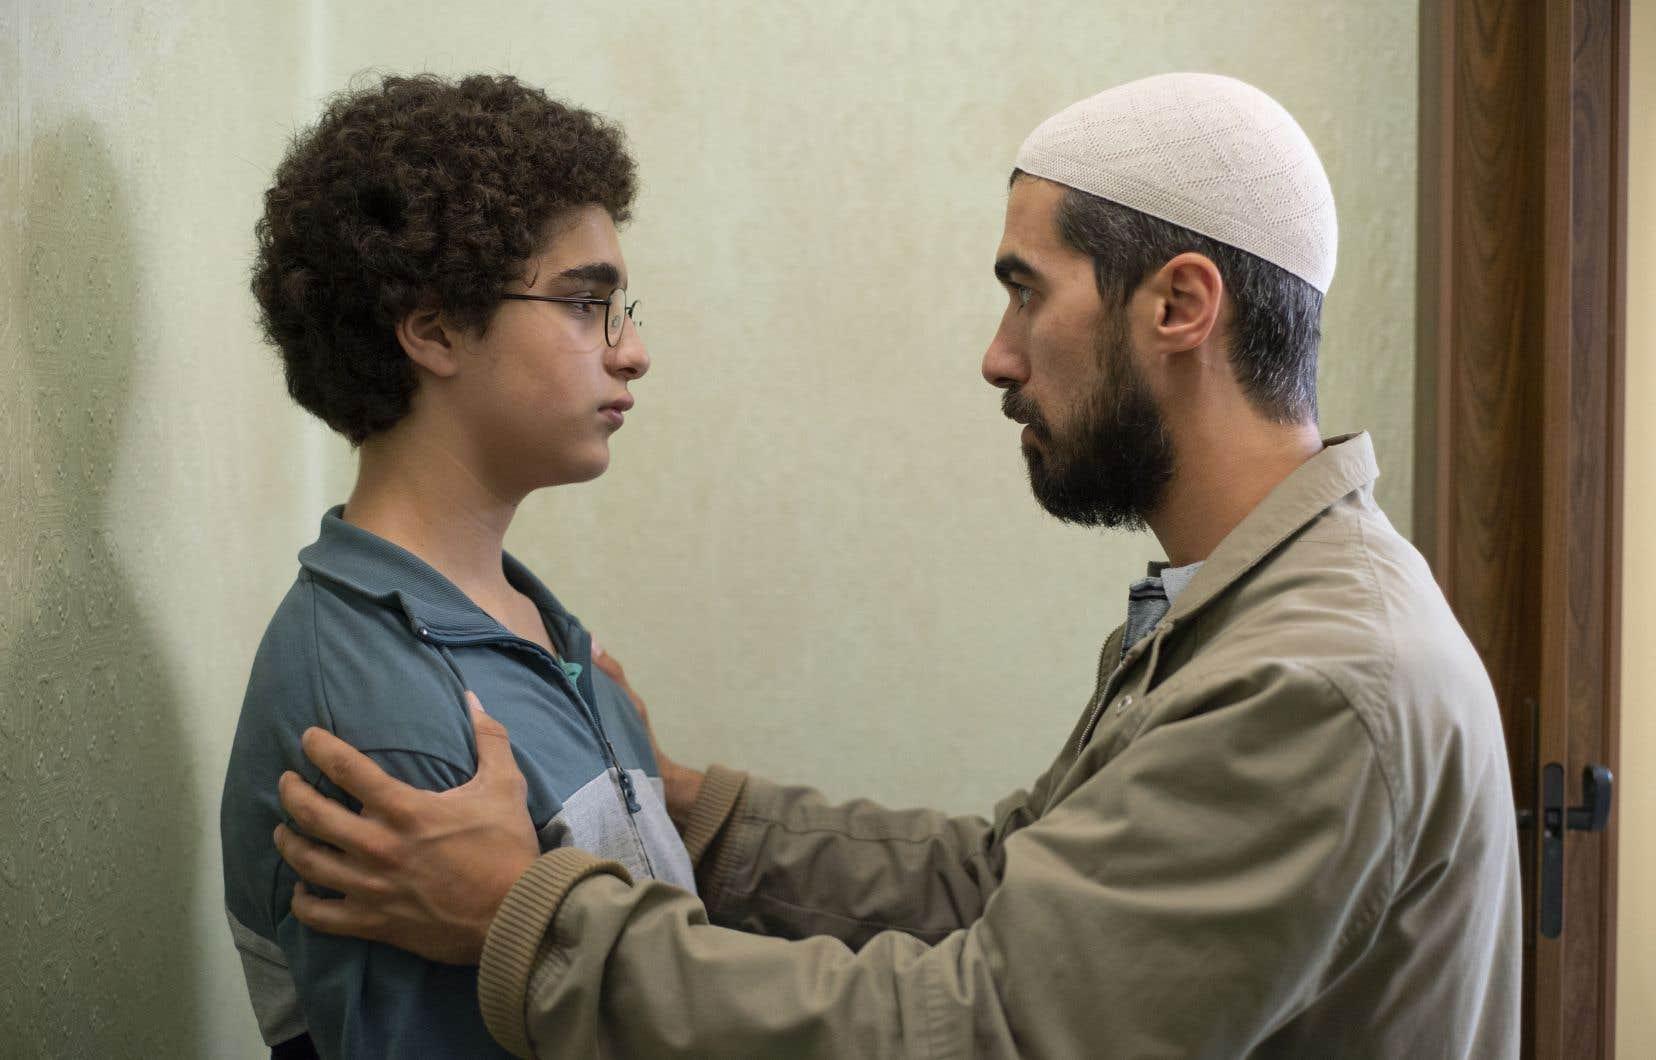 Ce film montre un adolescent en quête d'identité  (Idir Ben Addi, d'origine marocaine, son premier rôle), qui se radicalise auprès  d'un imam extrémiste et manipulateur.